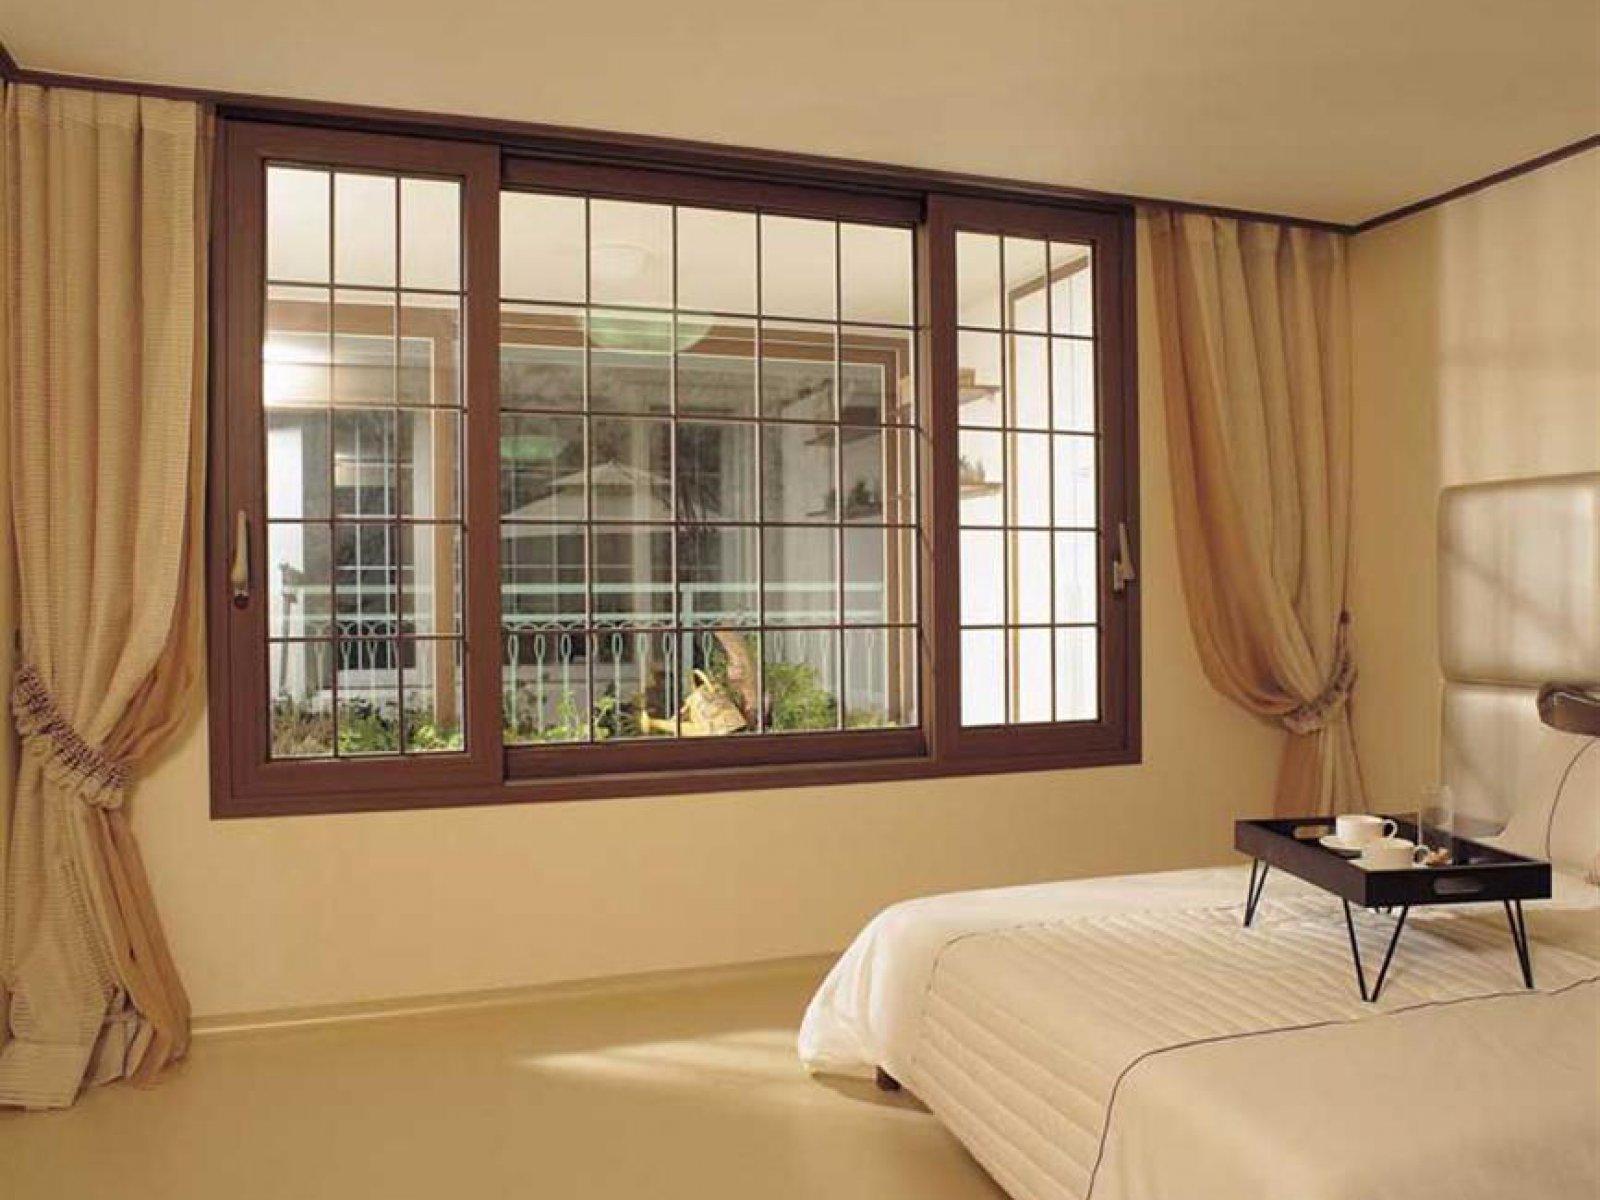 Окна в интерьере: функционально и красиво! - партнер74.